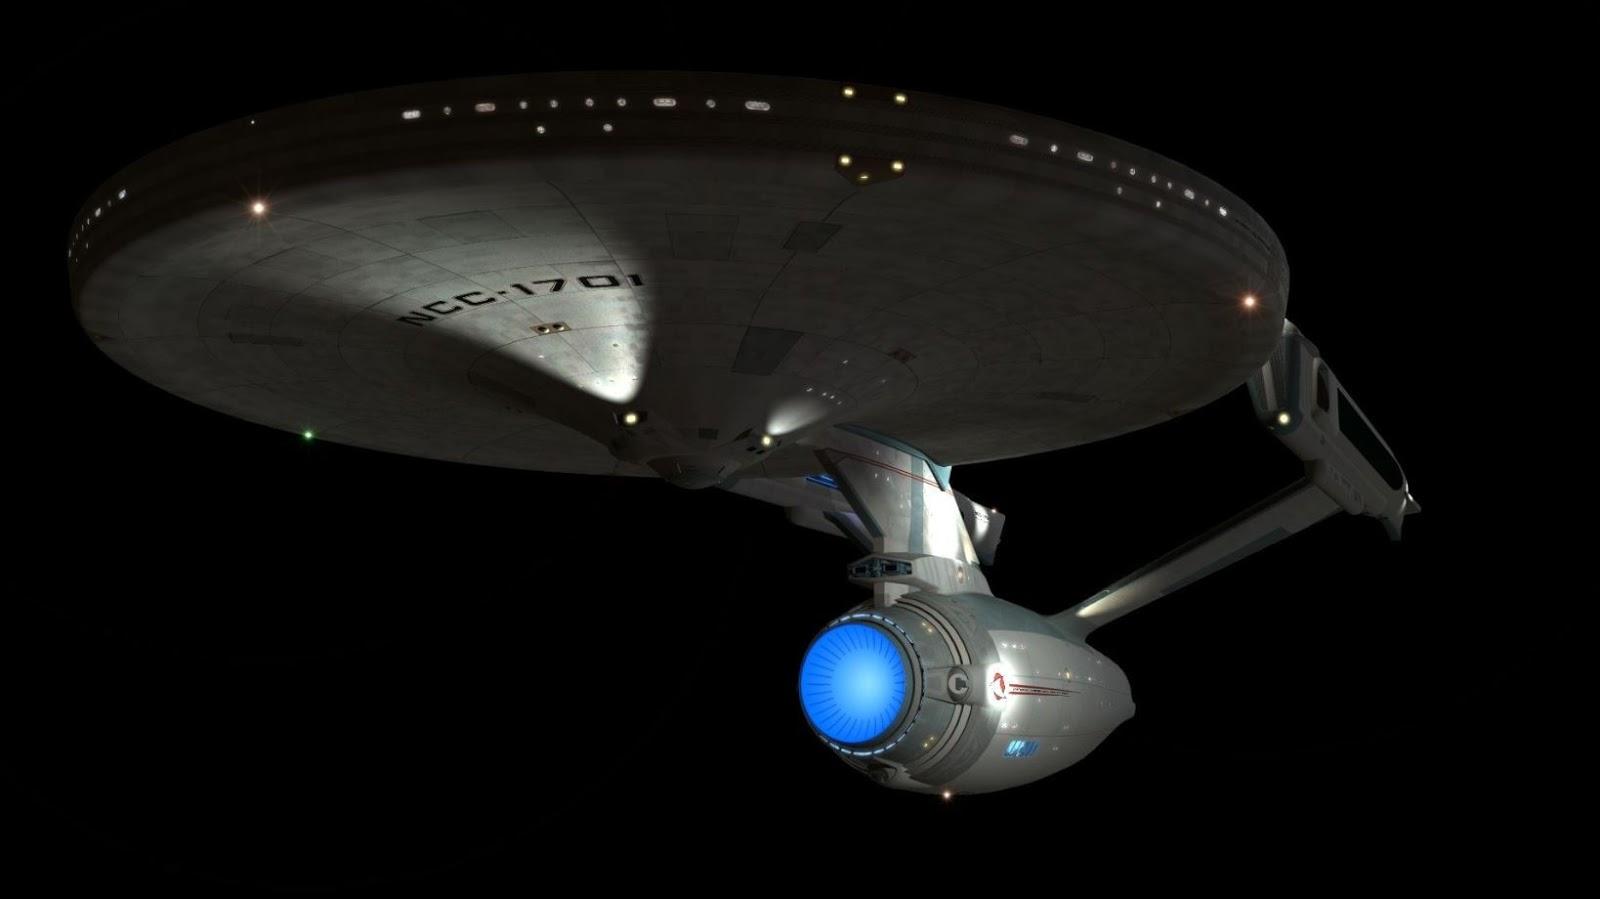 Star trek the enterprise incident online dating 3